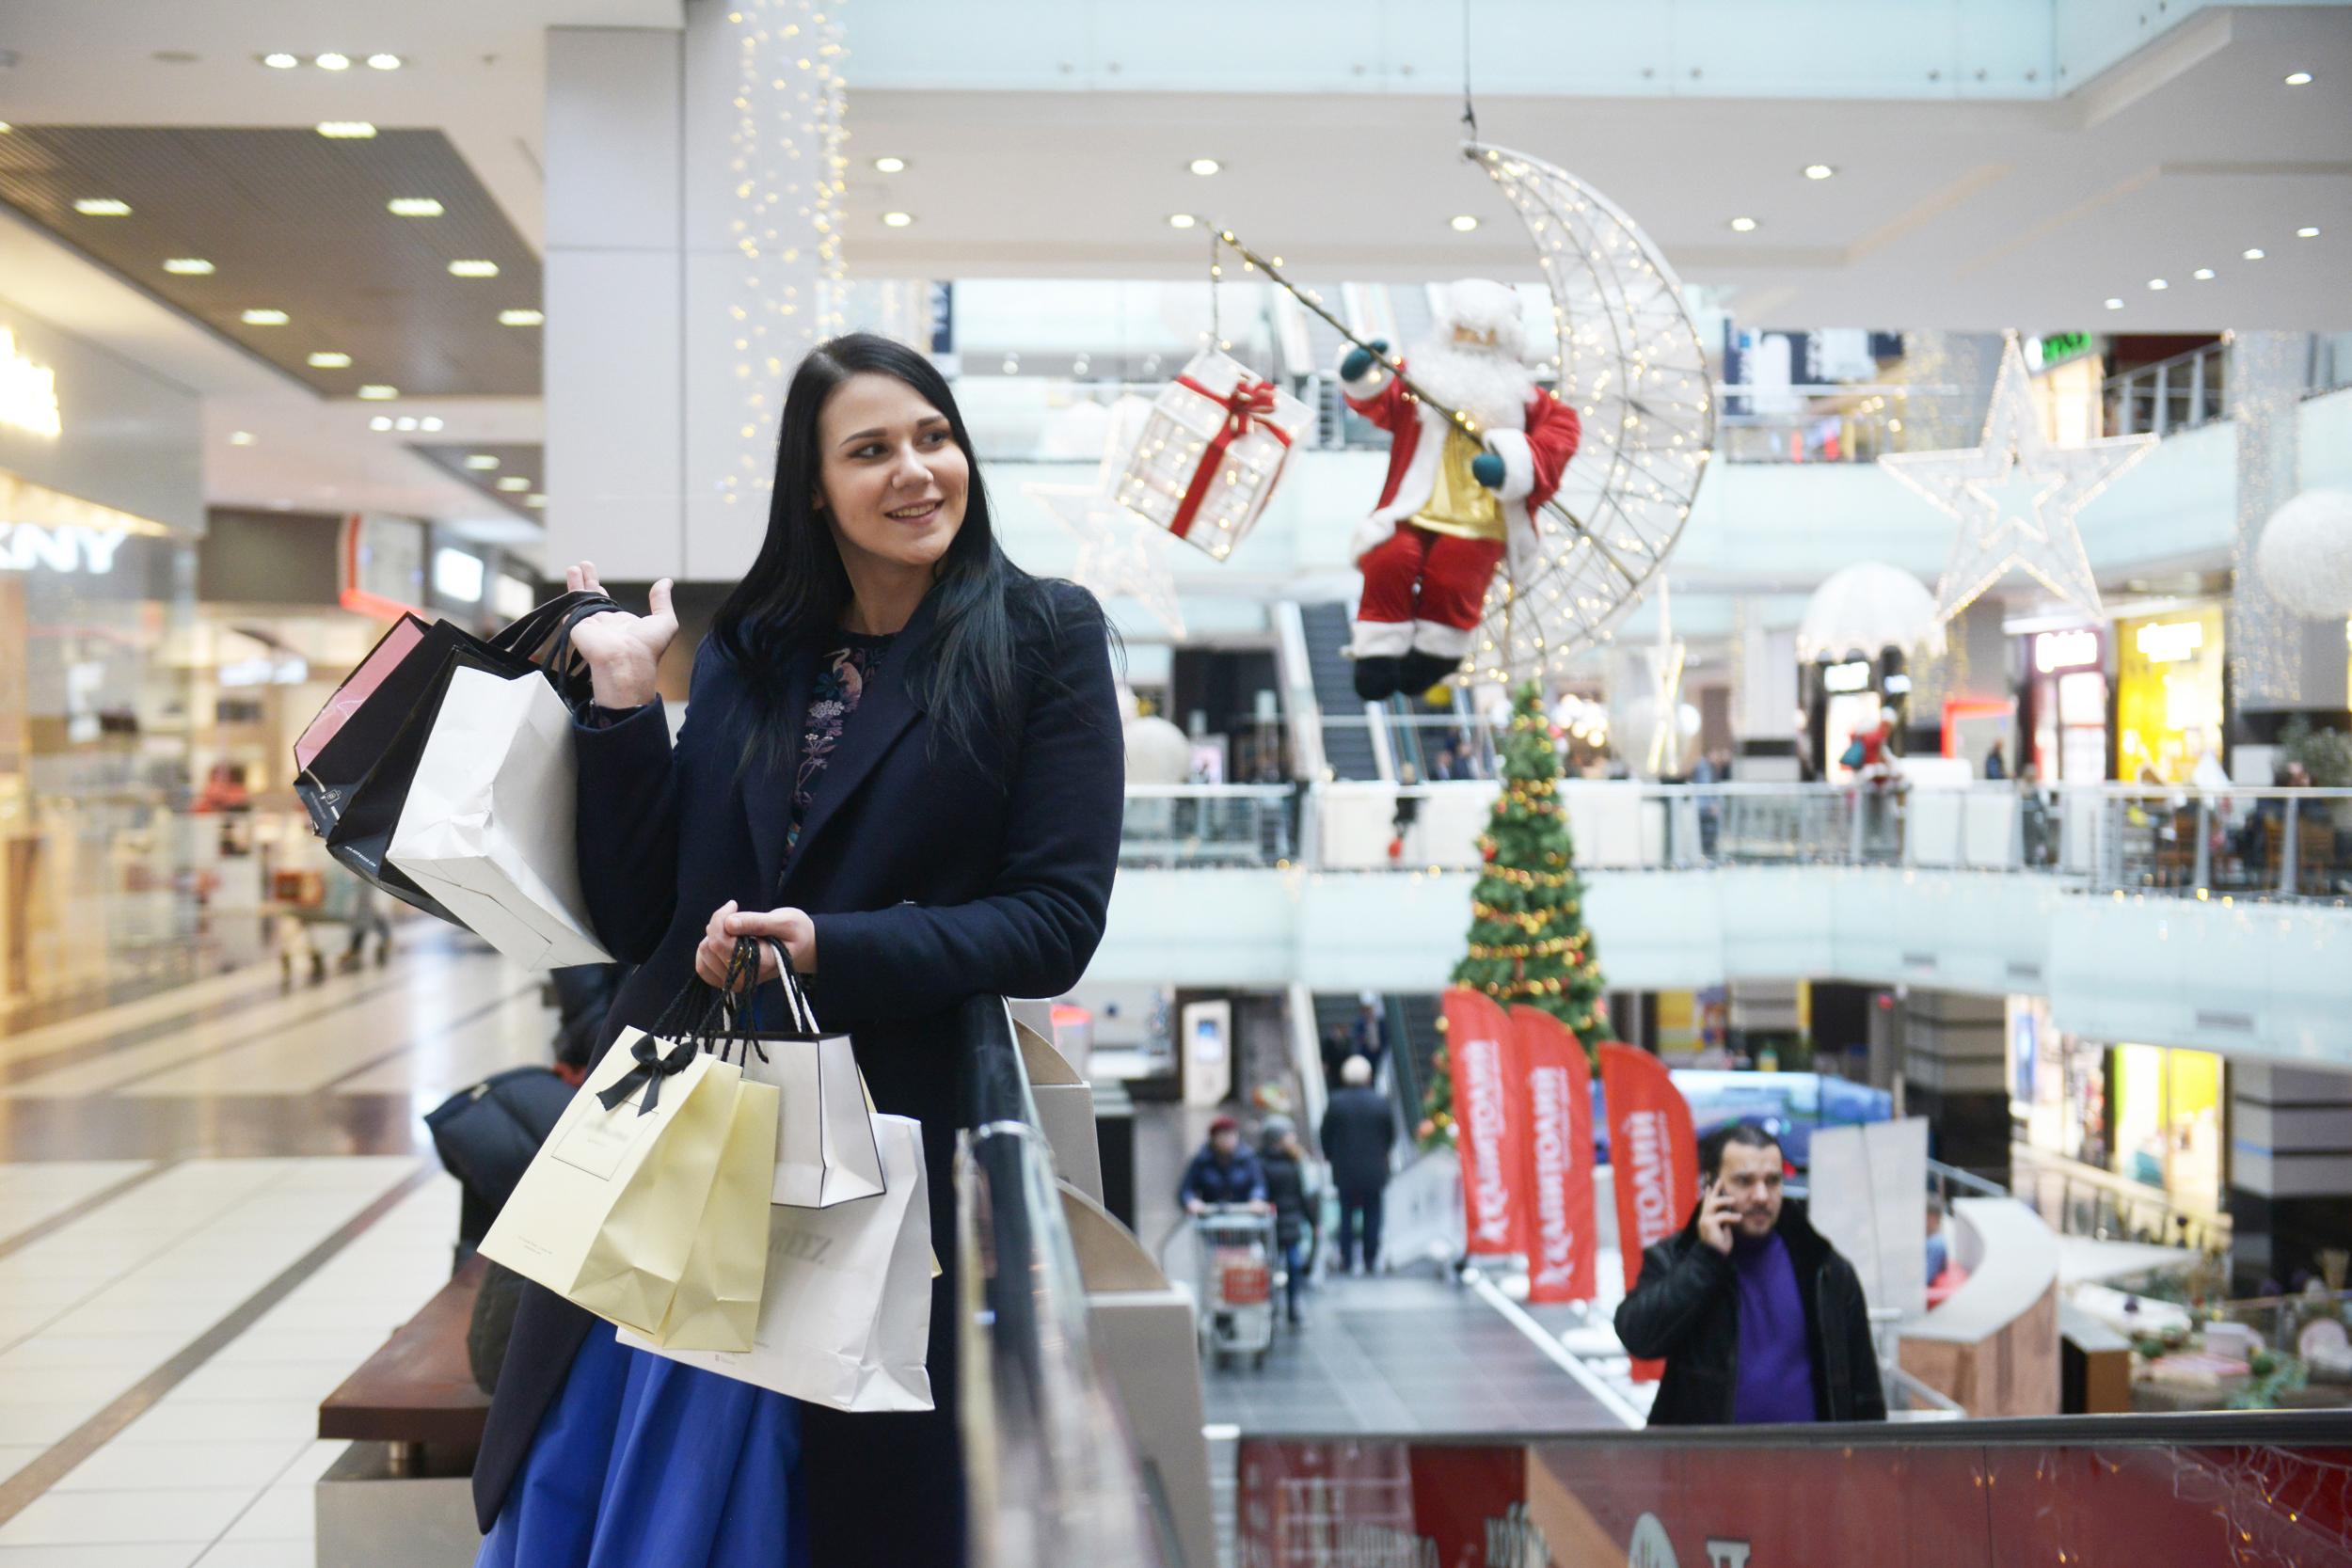 Сотрудники антимонопольной службы предупредили об обмане продавцов в период новогоднего шопинга